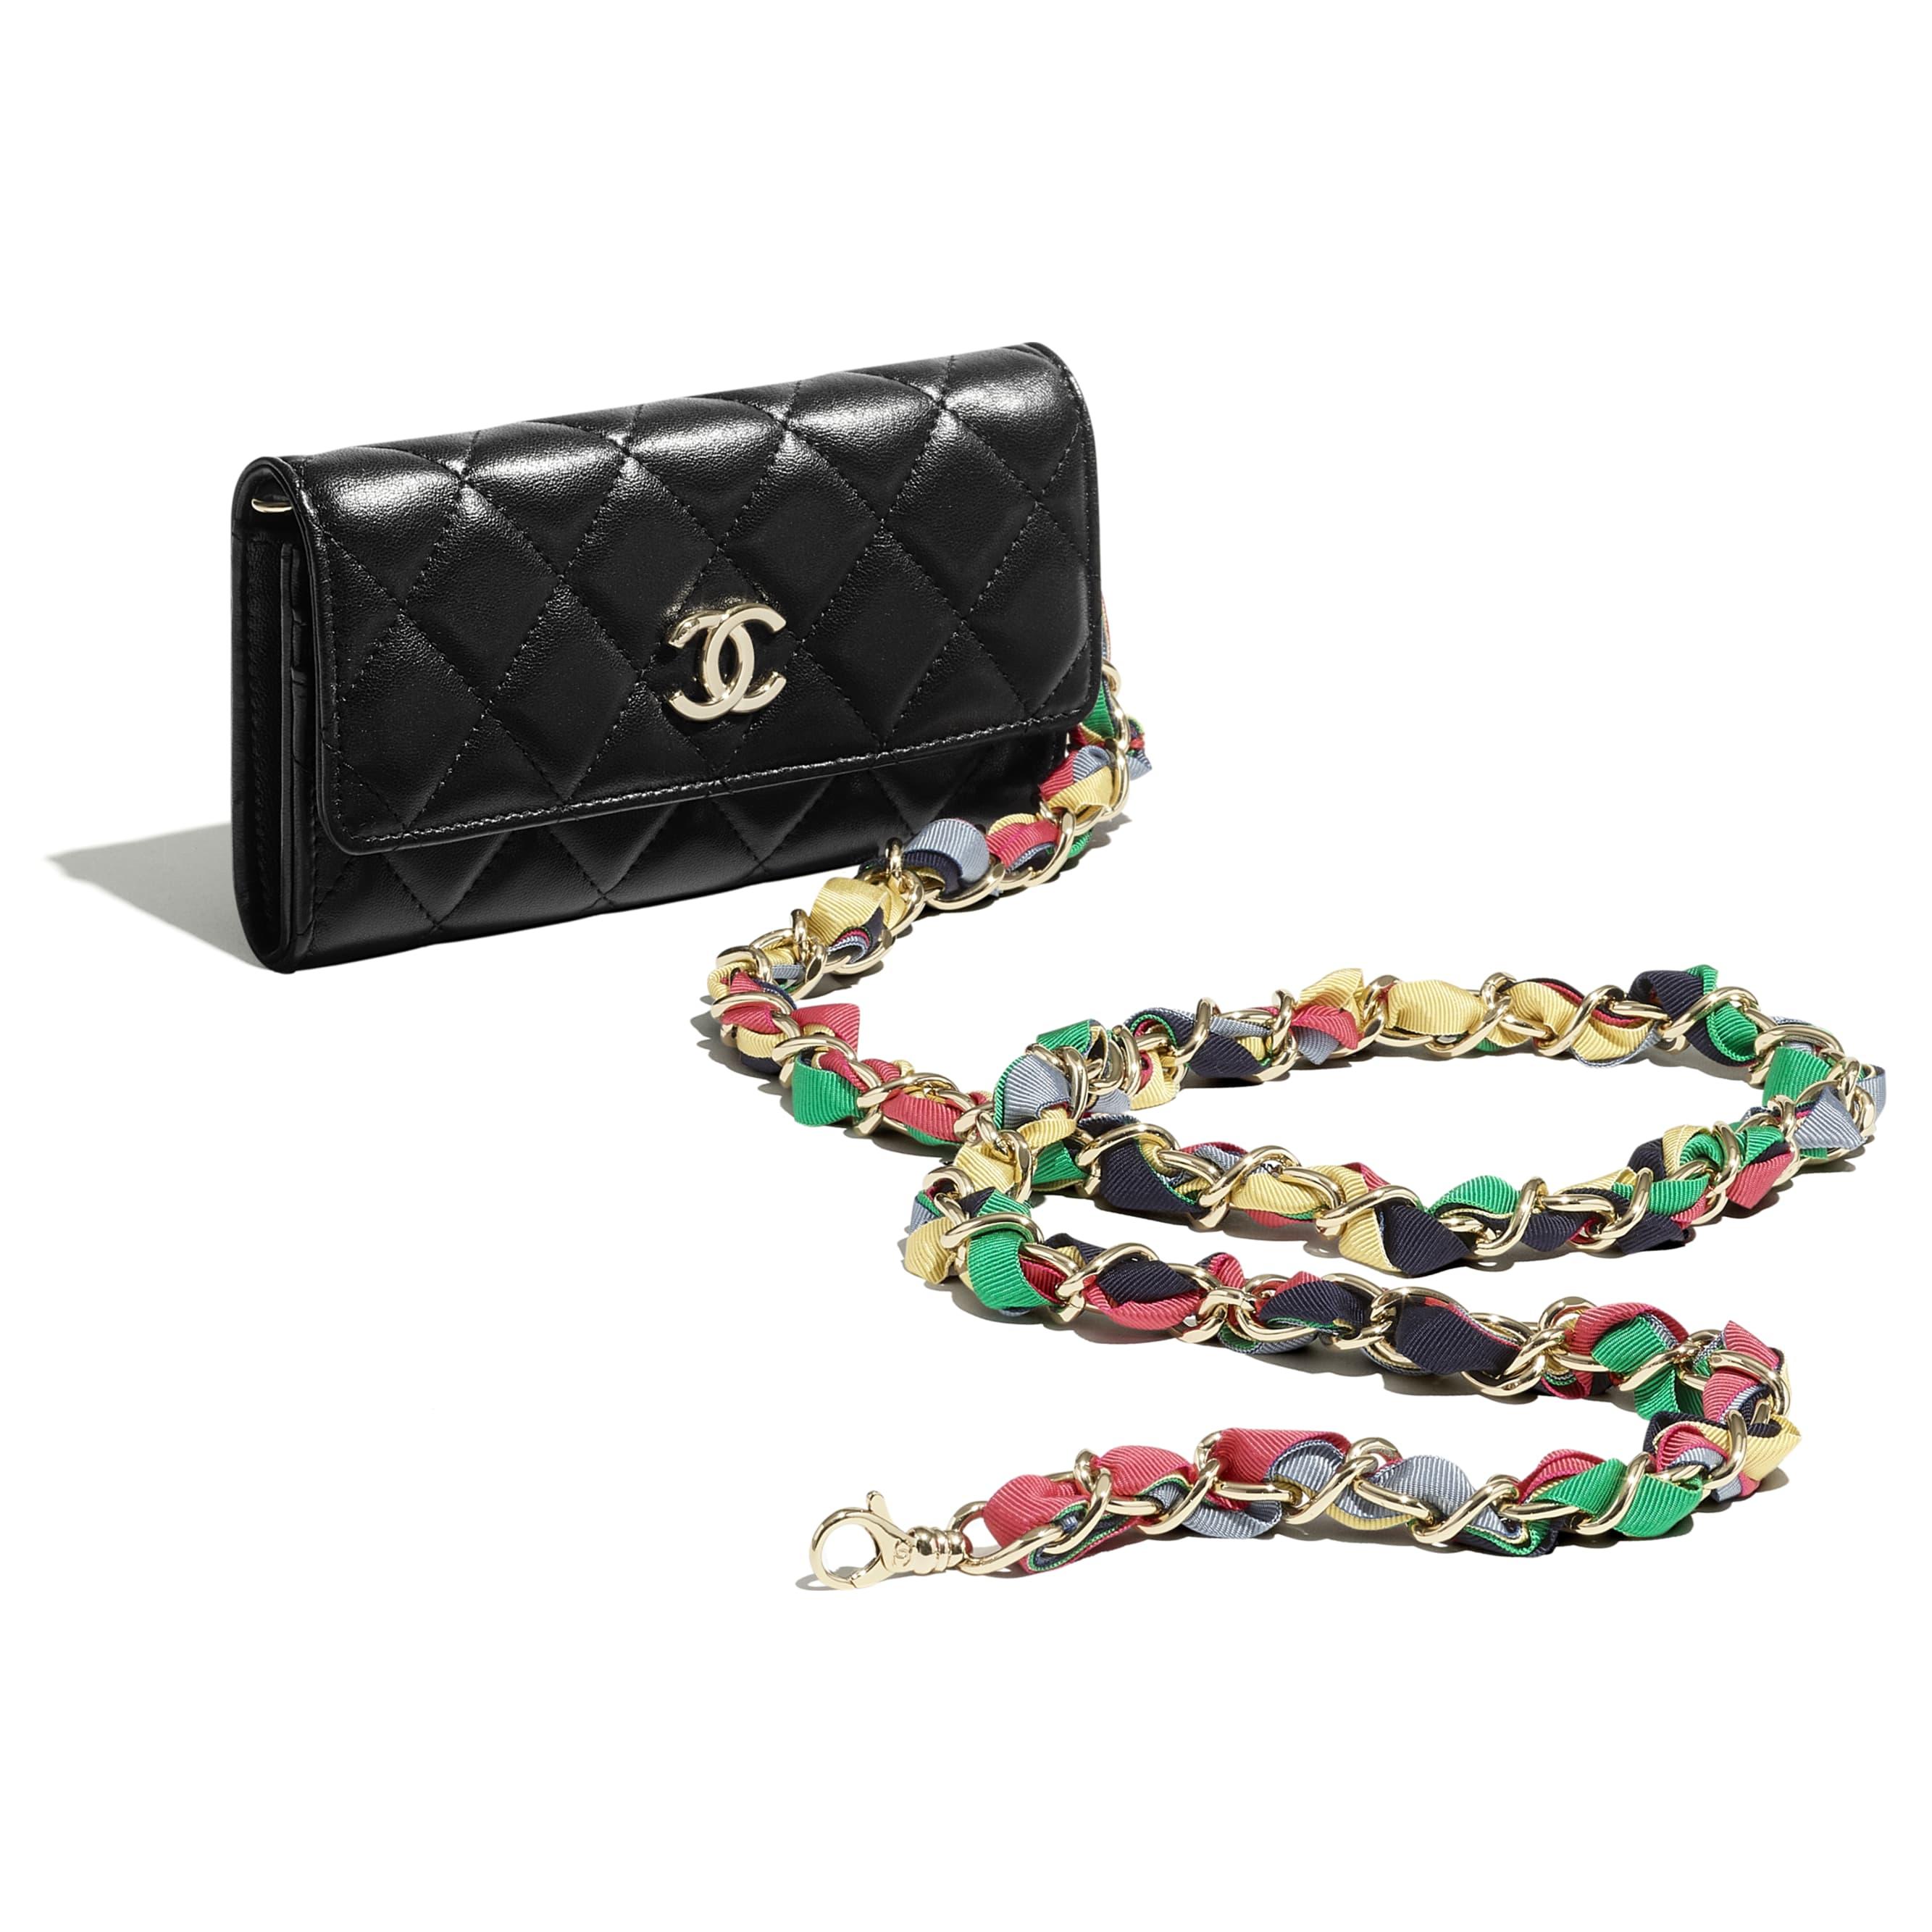 Pochette avec chaîne - Noir - Agneau brillant, ruban & métal doré - CHANEL - Vue supplémentaire - voir la version taille standard